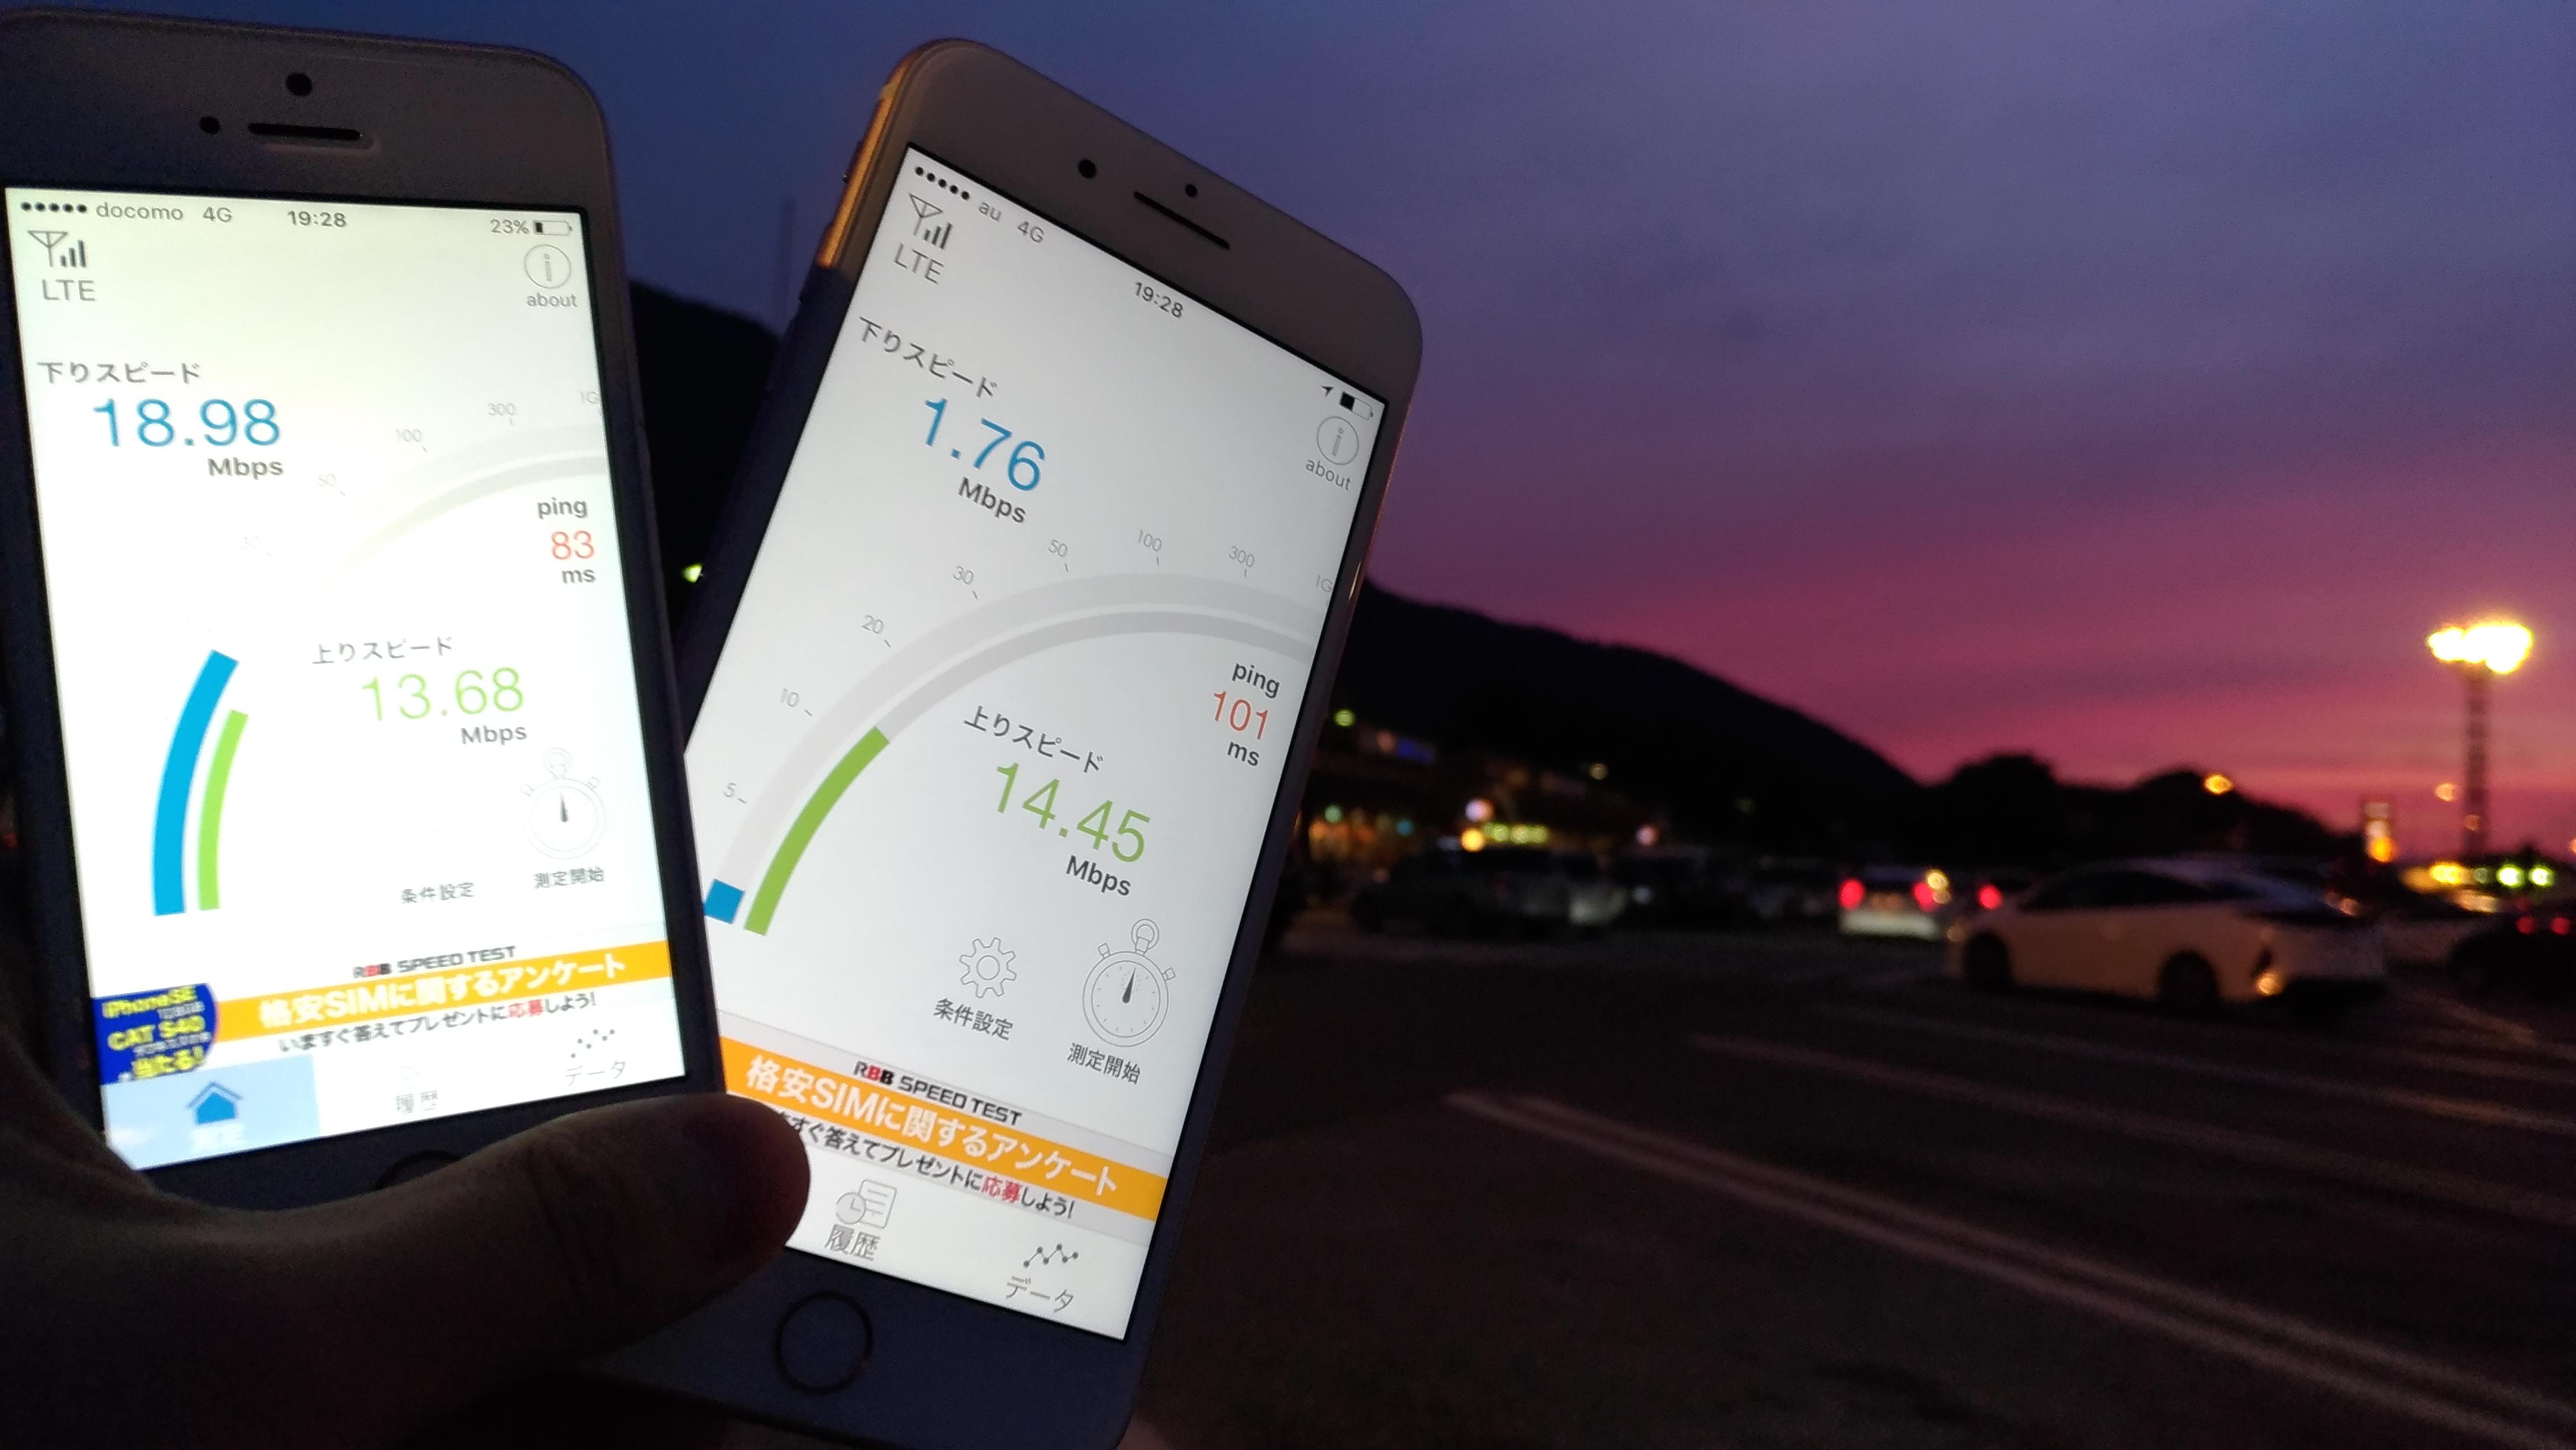 名神高速道路「養老SA(下り)」にて通信速度を計測